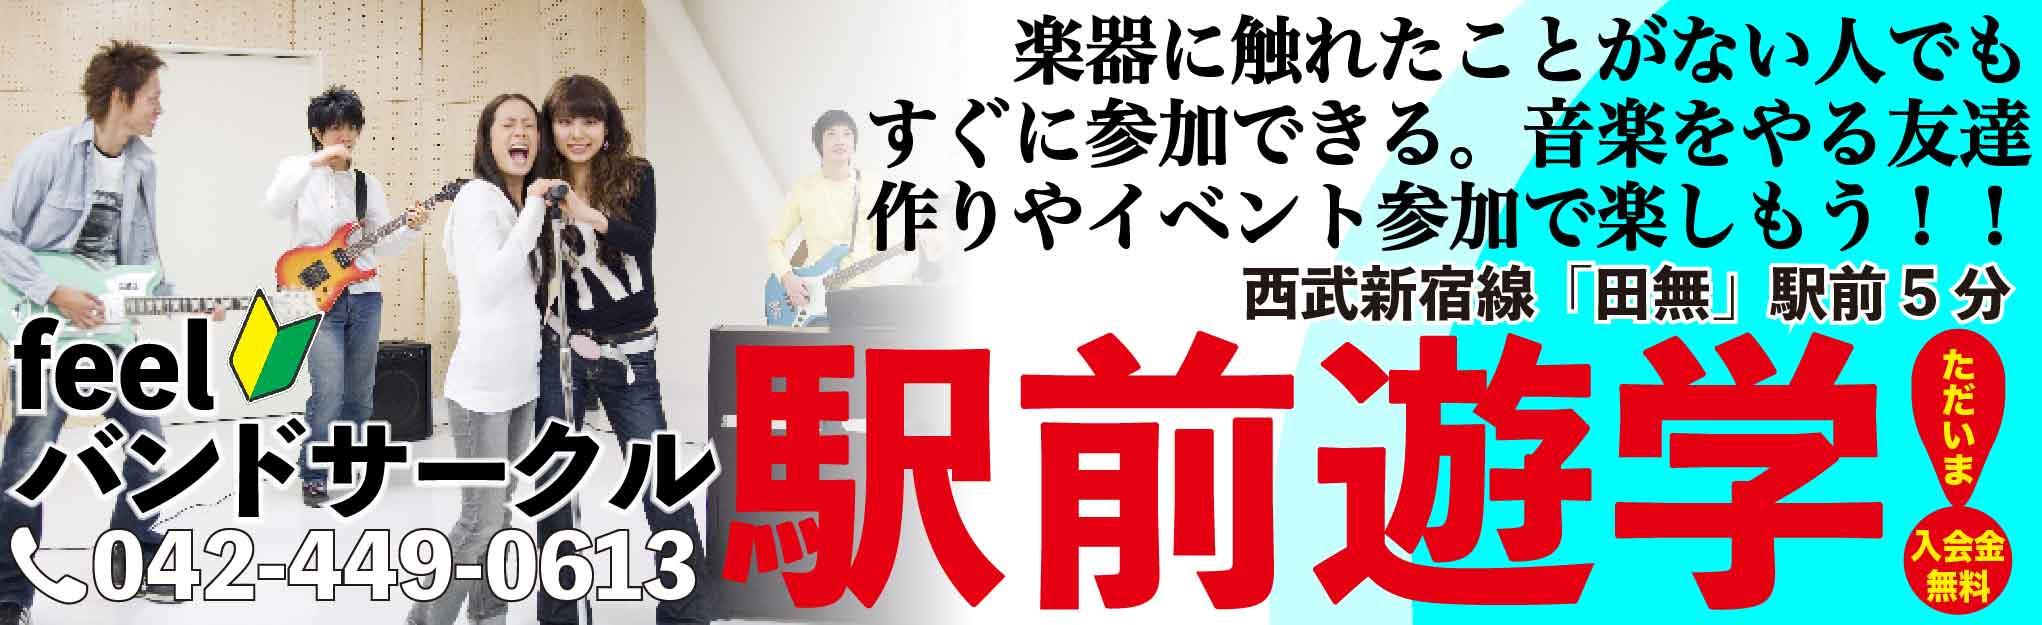 西東京市西武新宿線田無駅より徒歩5分。feelバンドサークル音楽教室西東京市田無スクール